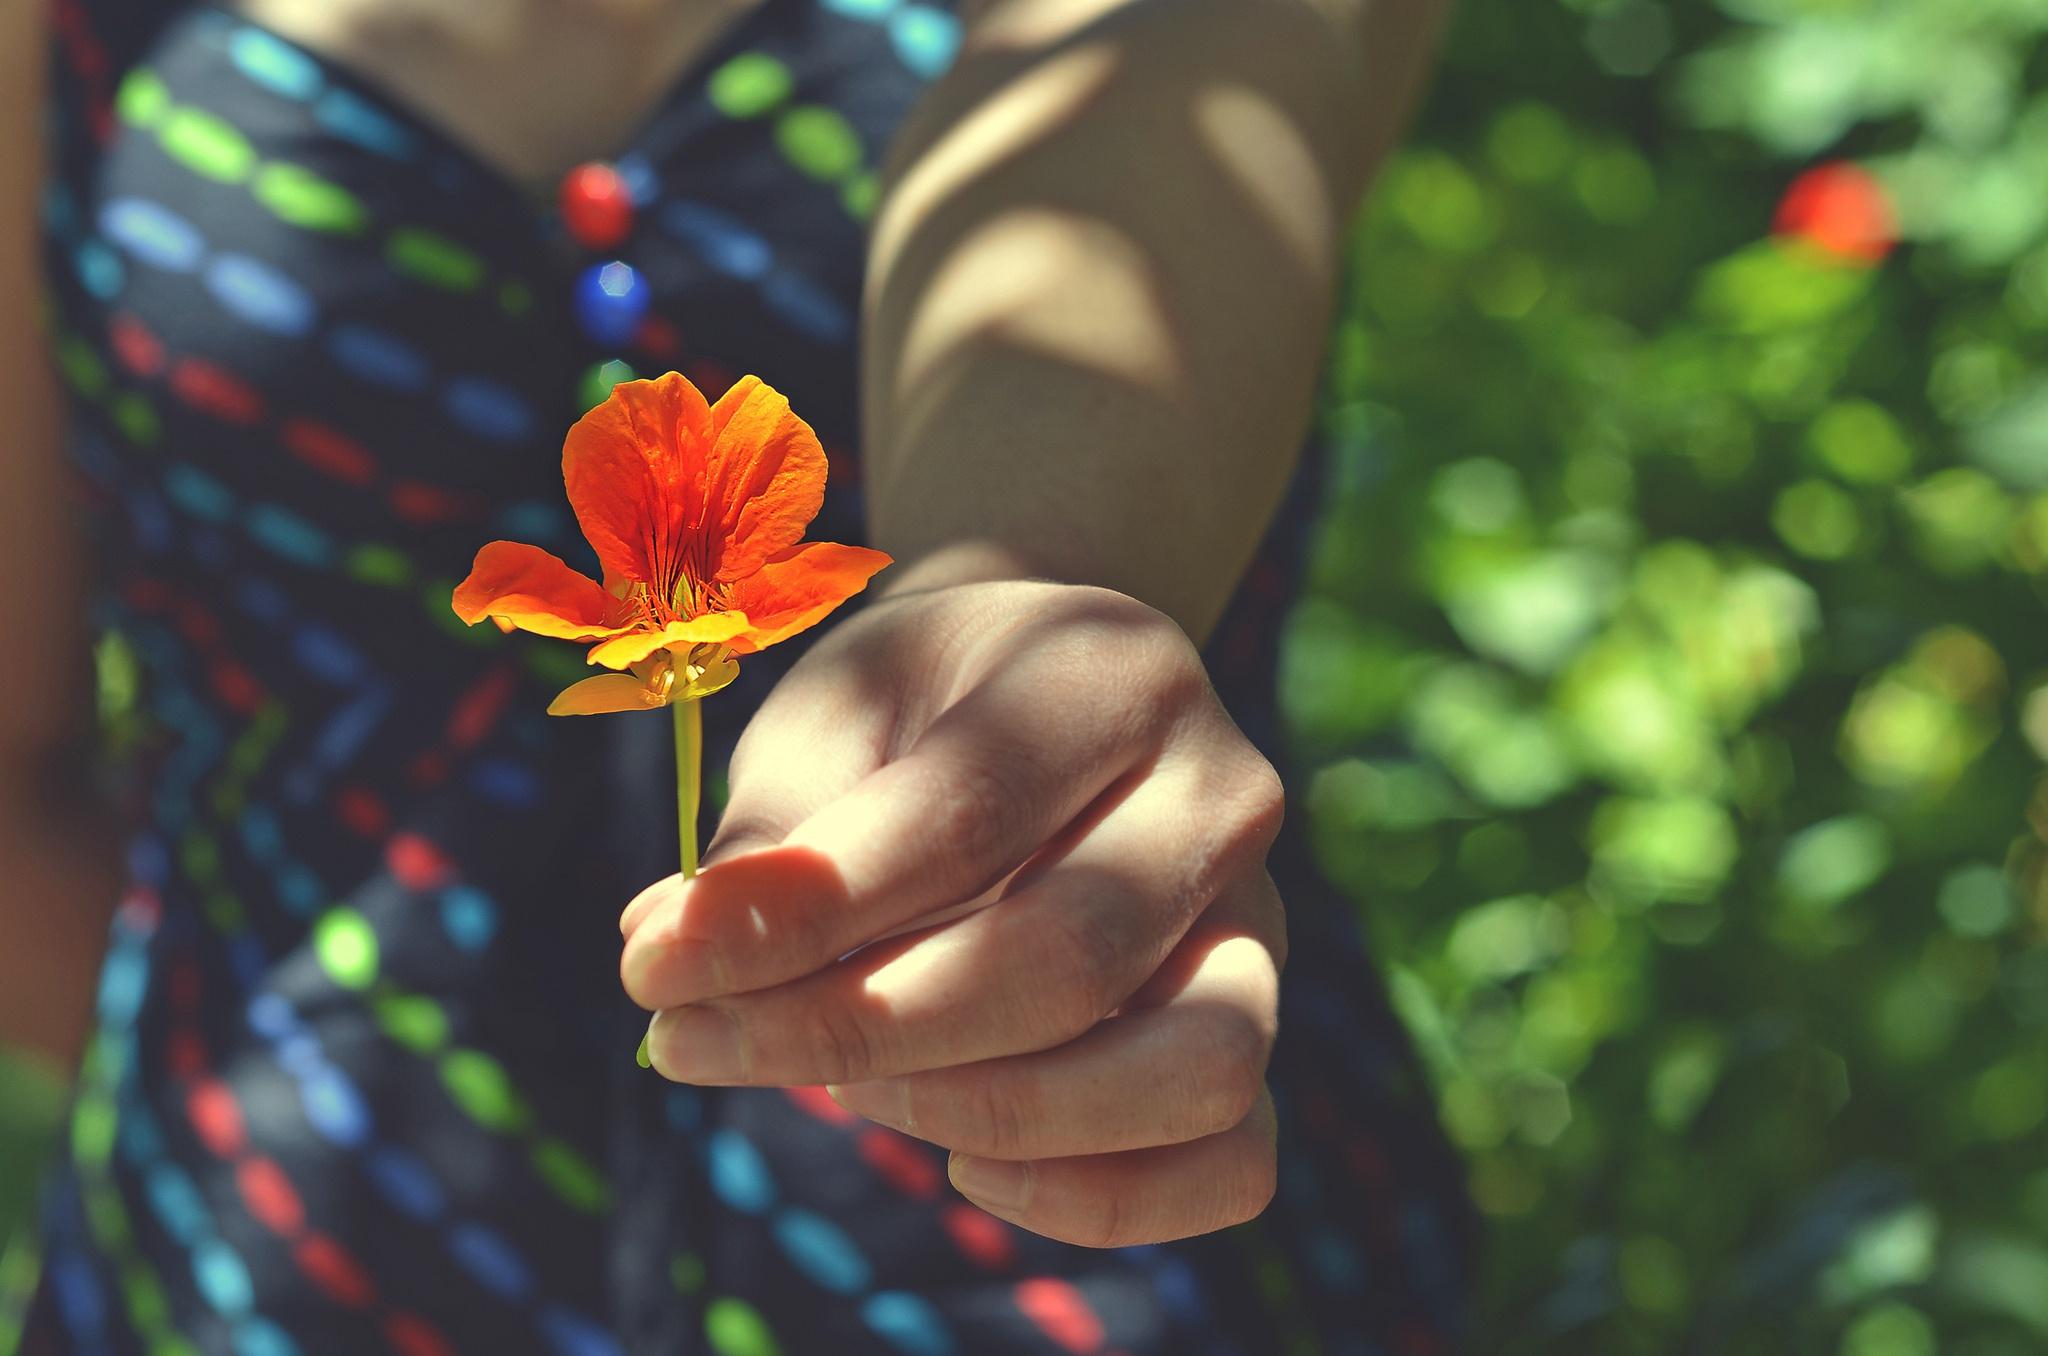 Картинка рук держащих цветы